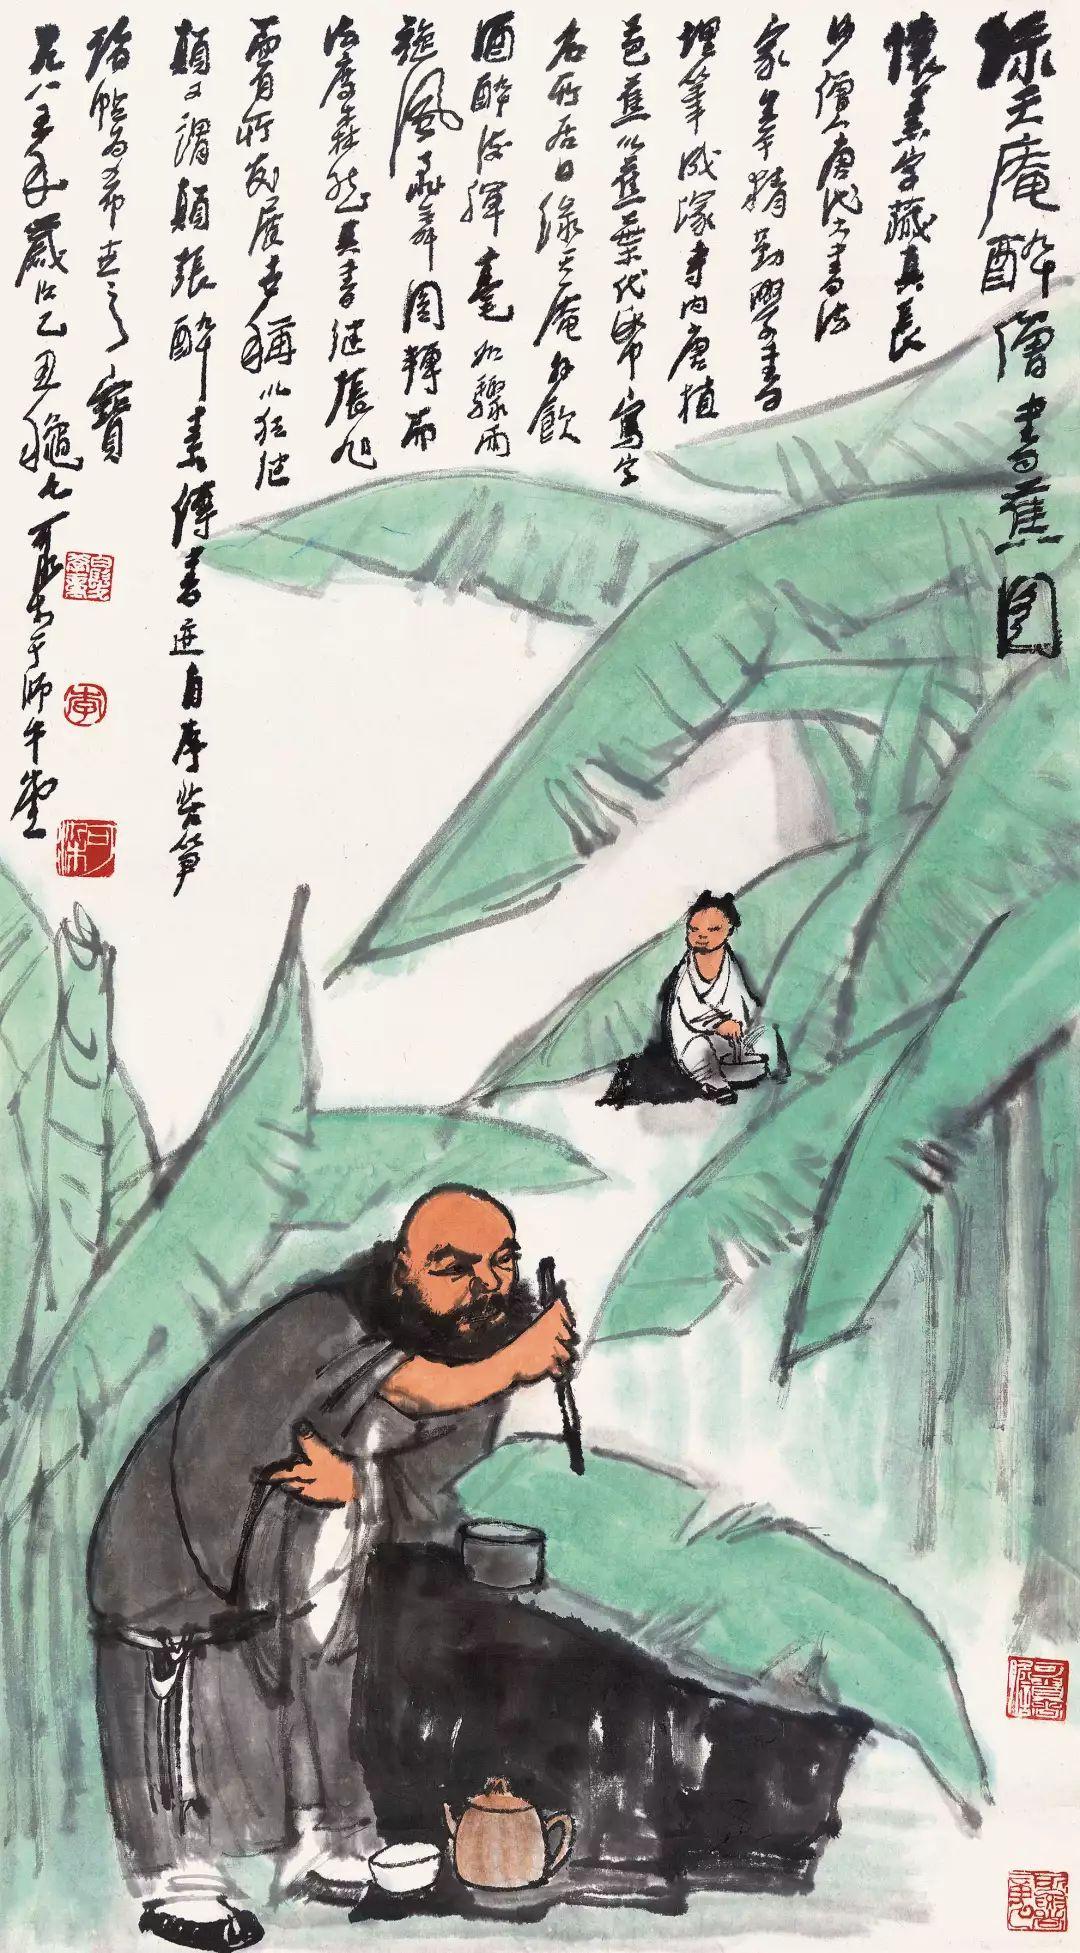 1.4375亿元!吴冠中《狮子林》创其中国画最高价纪录!插图37